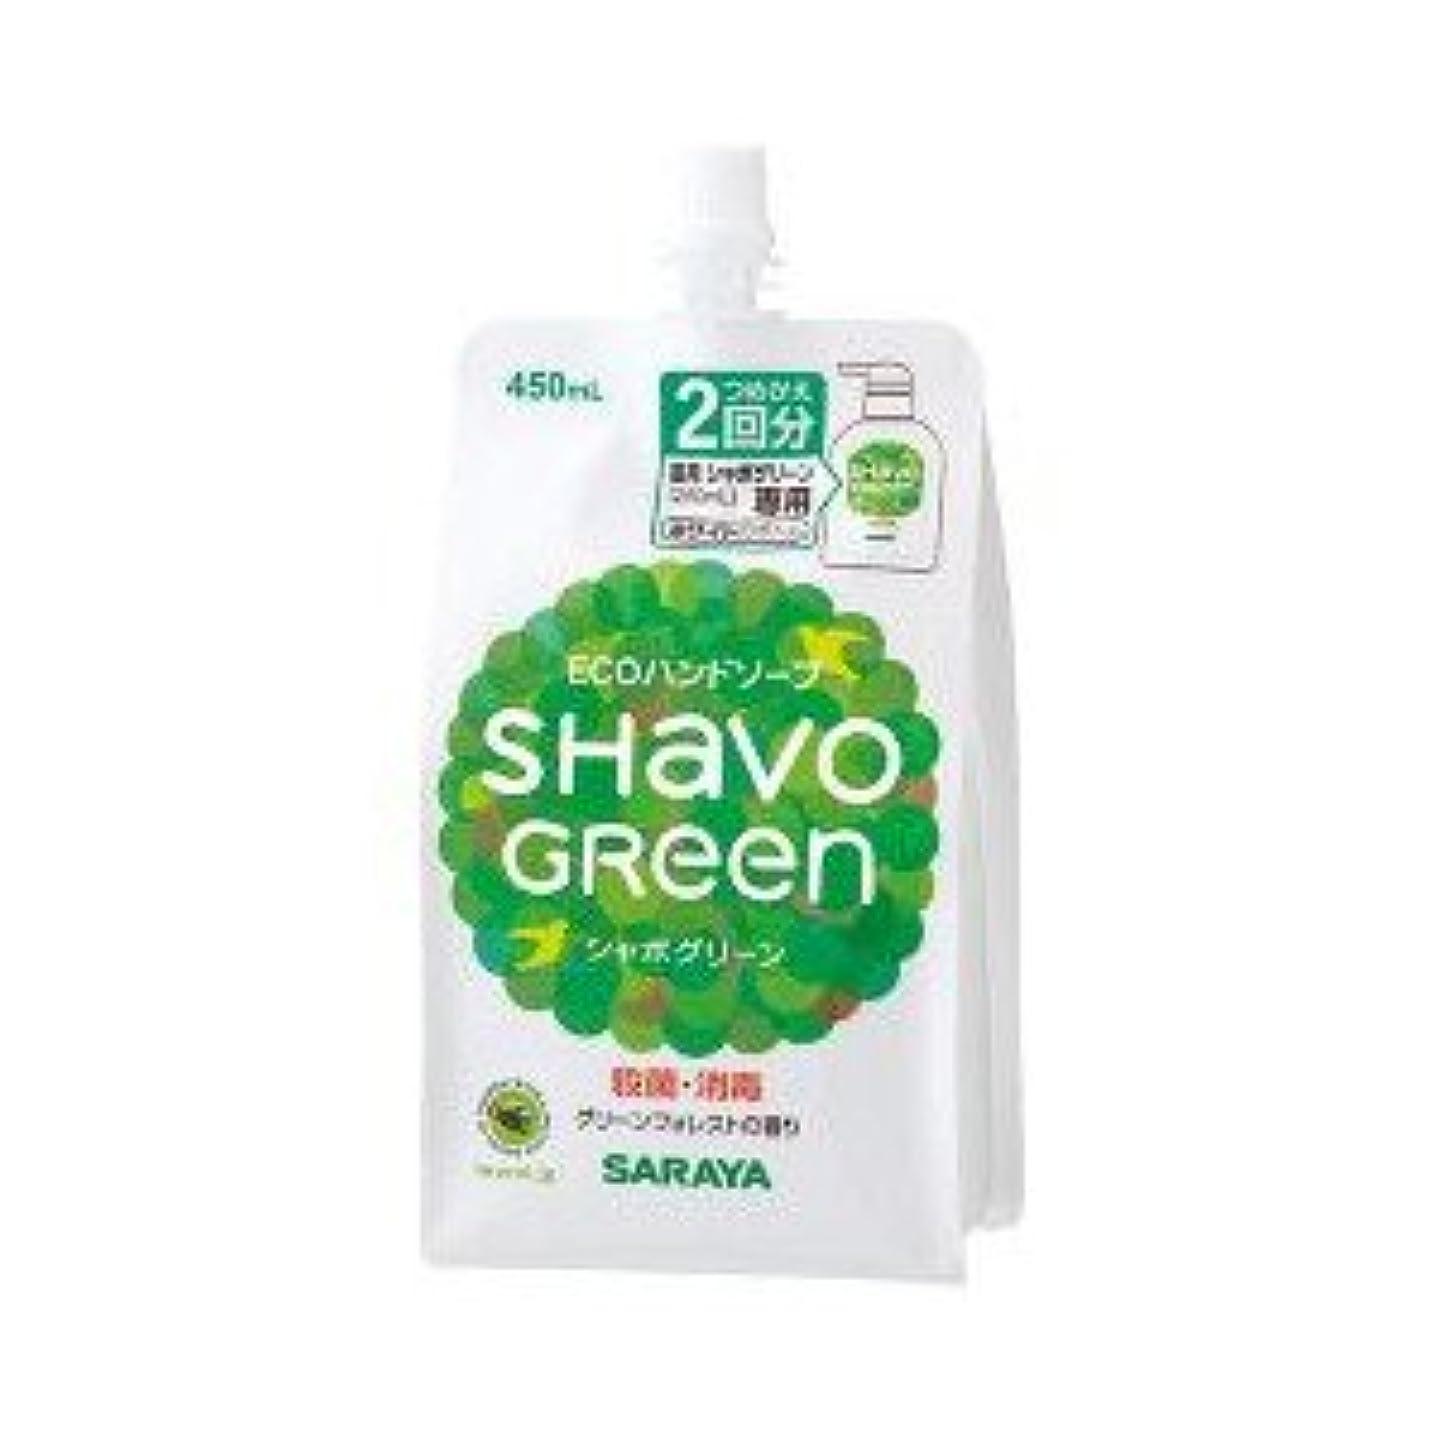 アジア土曜日致命的なシャボグリーンソープ 詰替用 × 3個セット